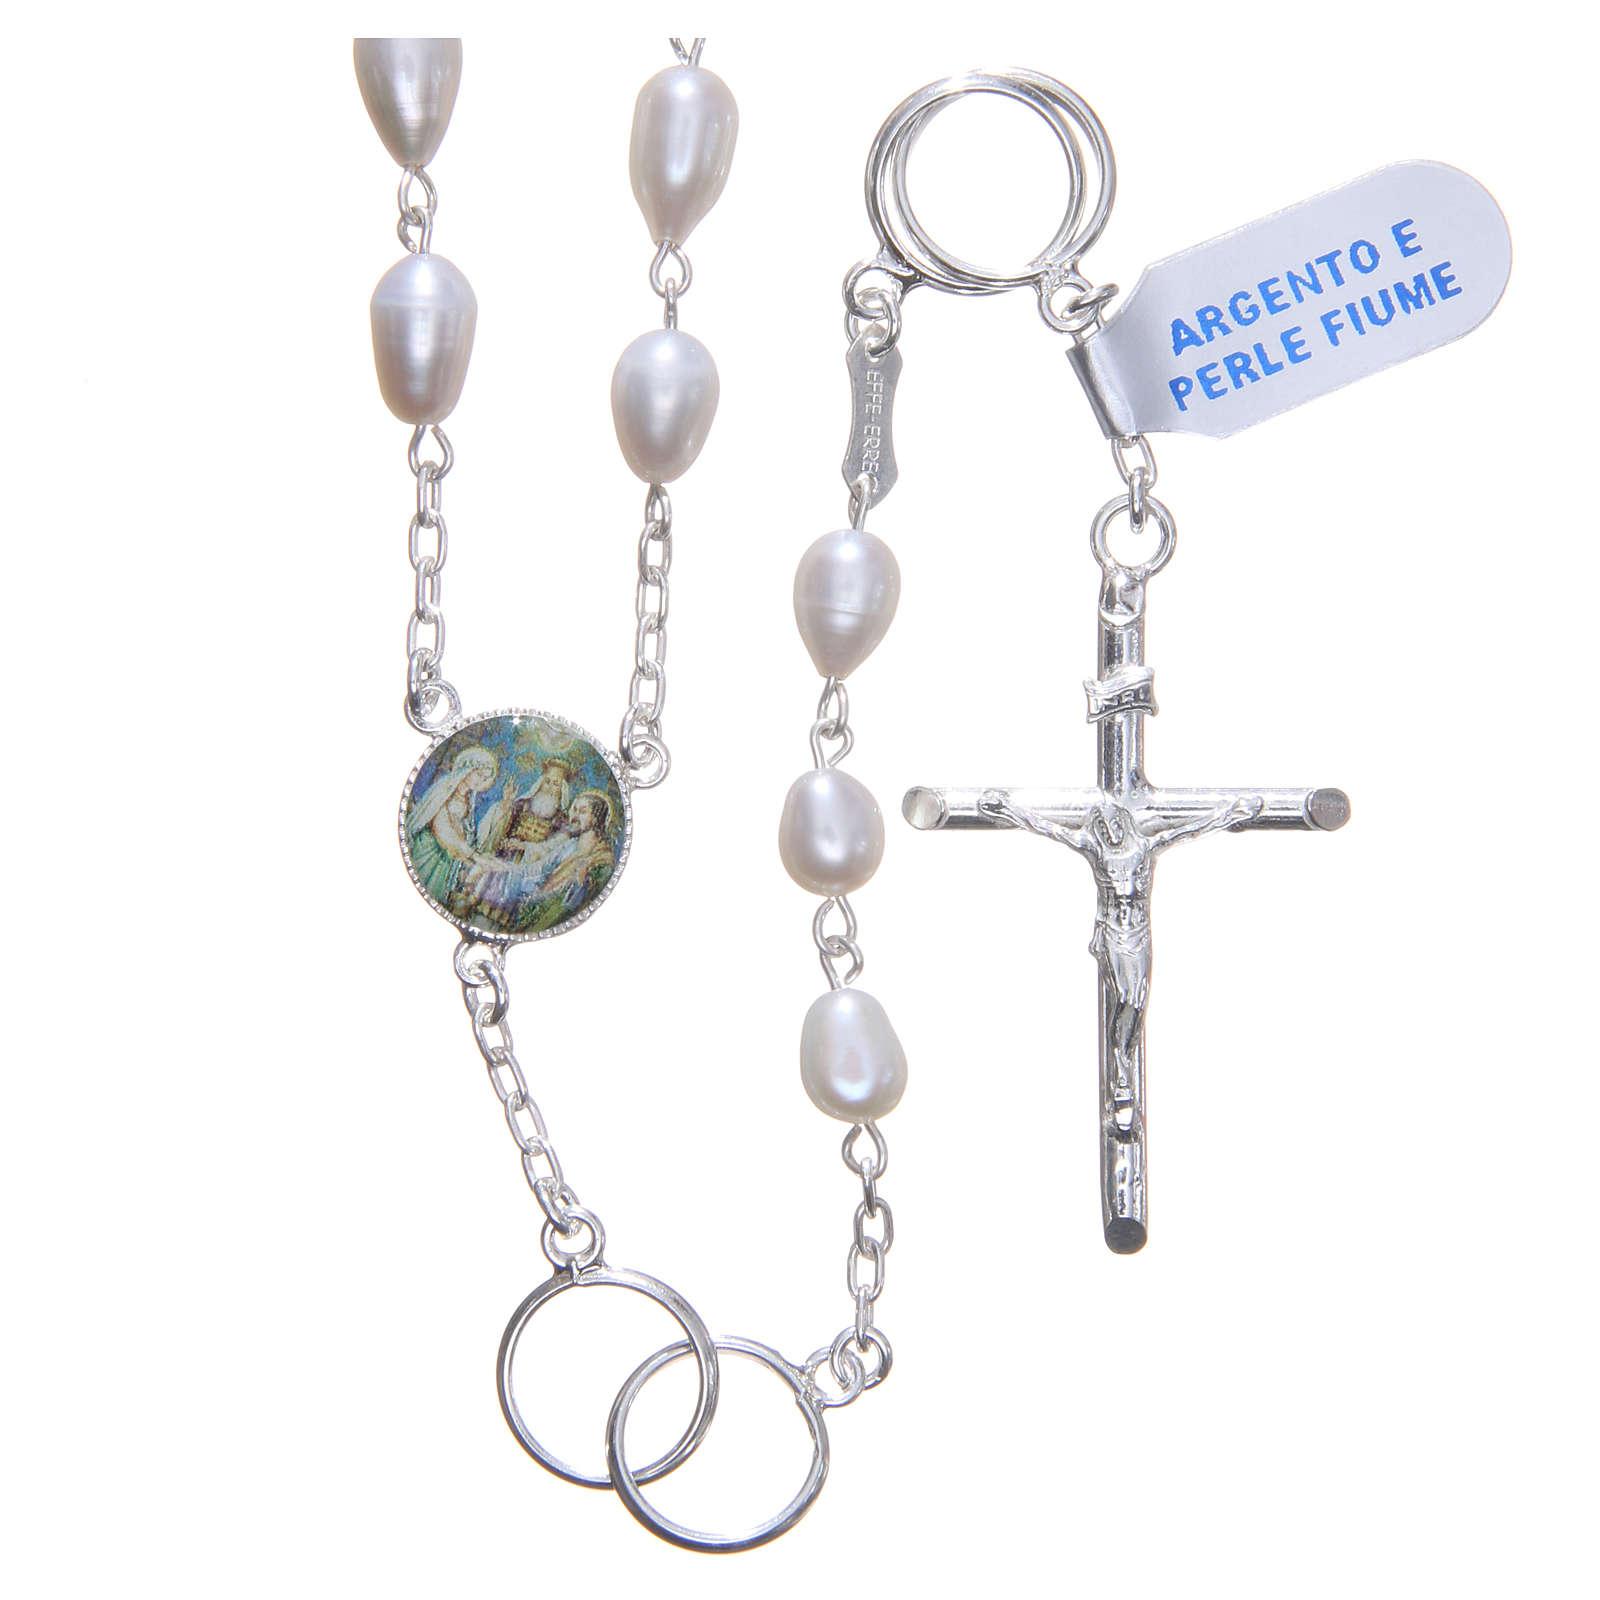 Chapelet mariage perles fleuve argent 925 4